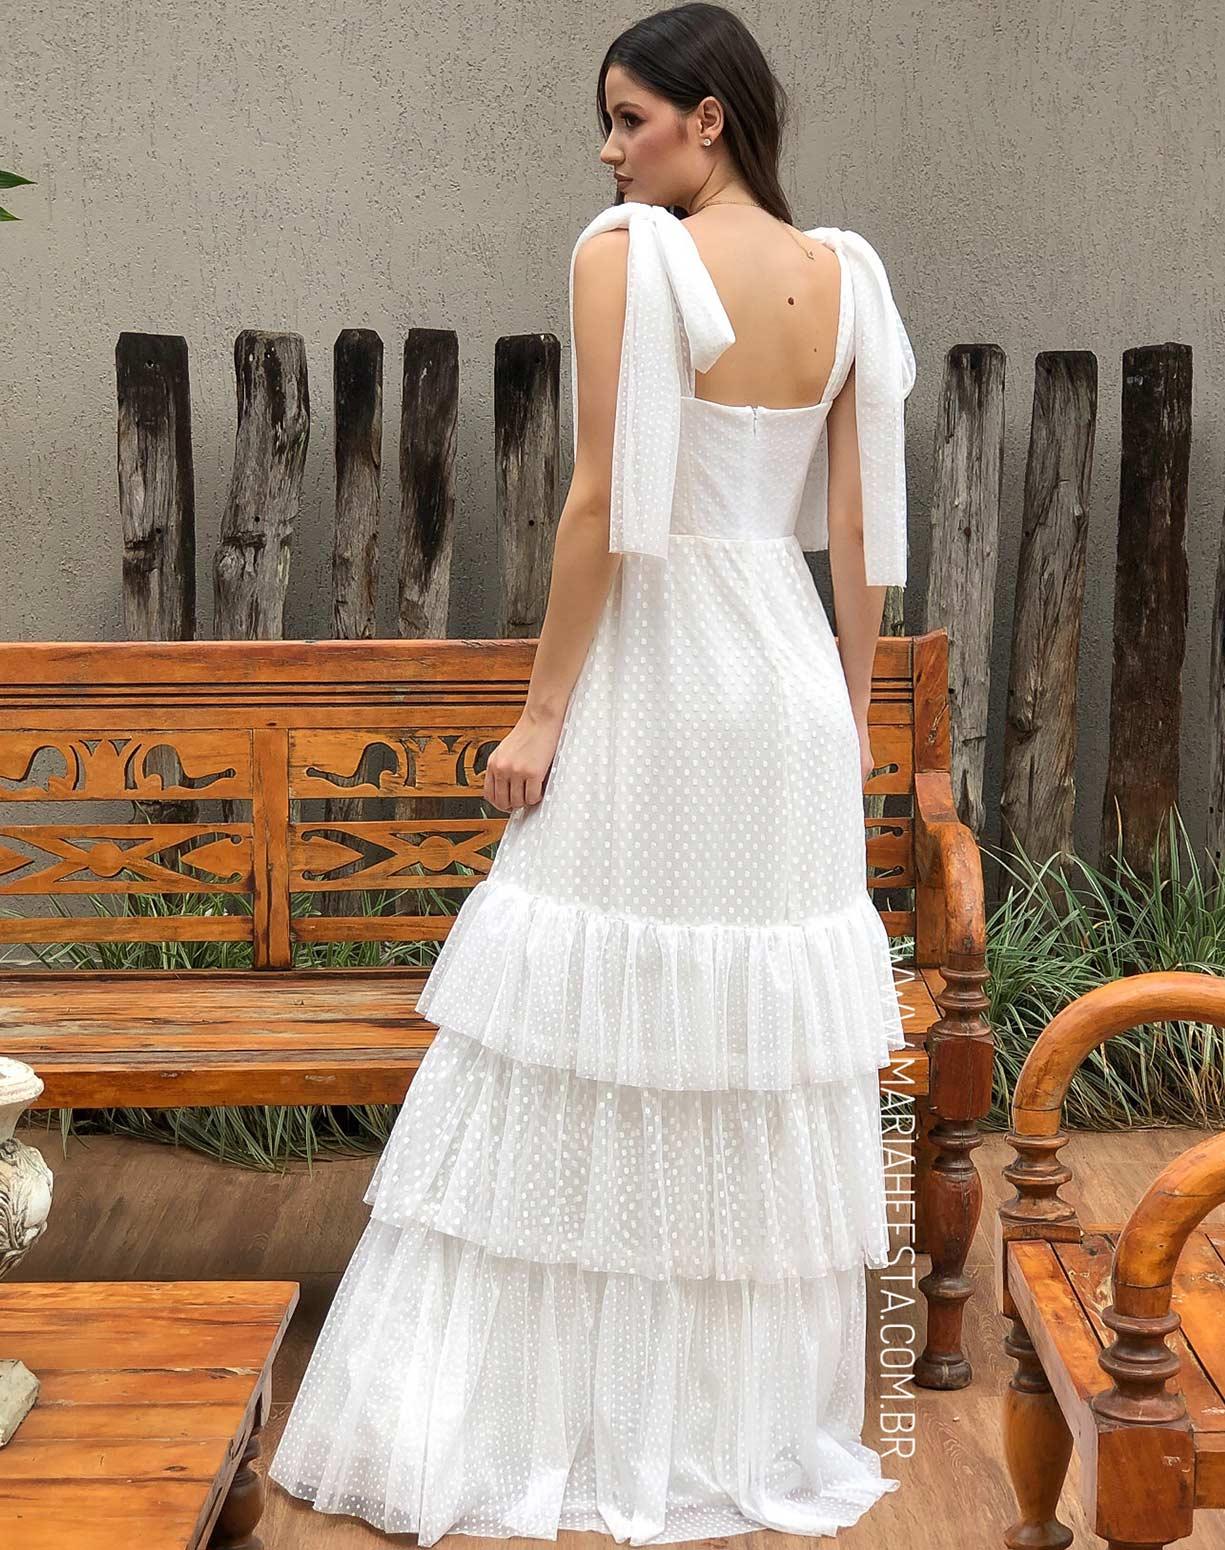 Vestido Branco em Tule Texturizado com Alça de Amarrar